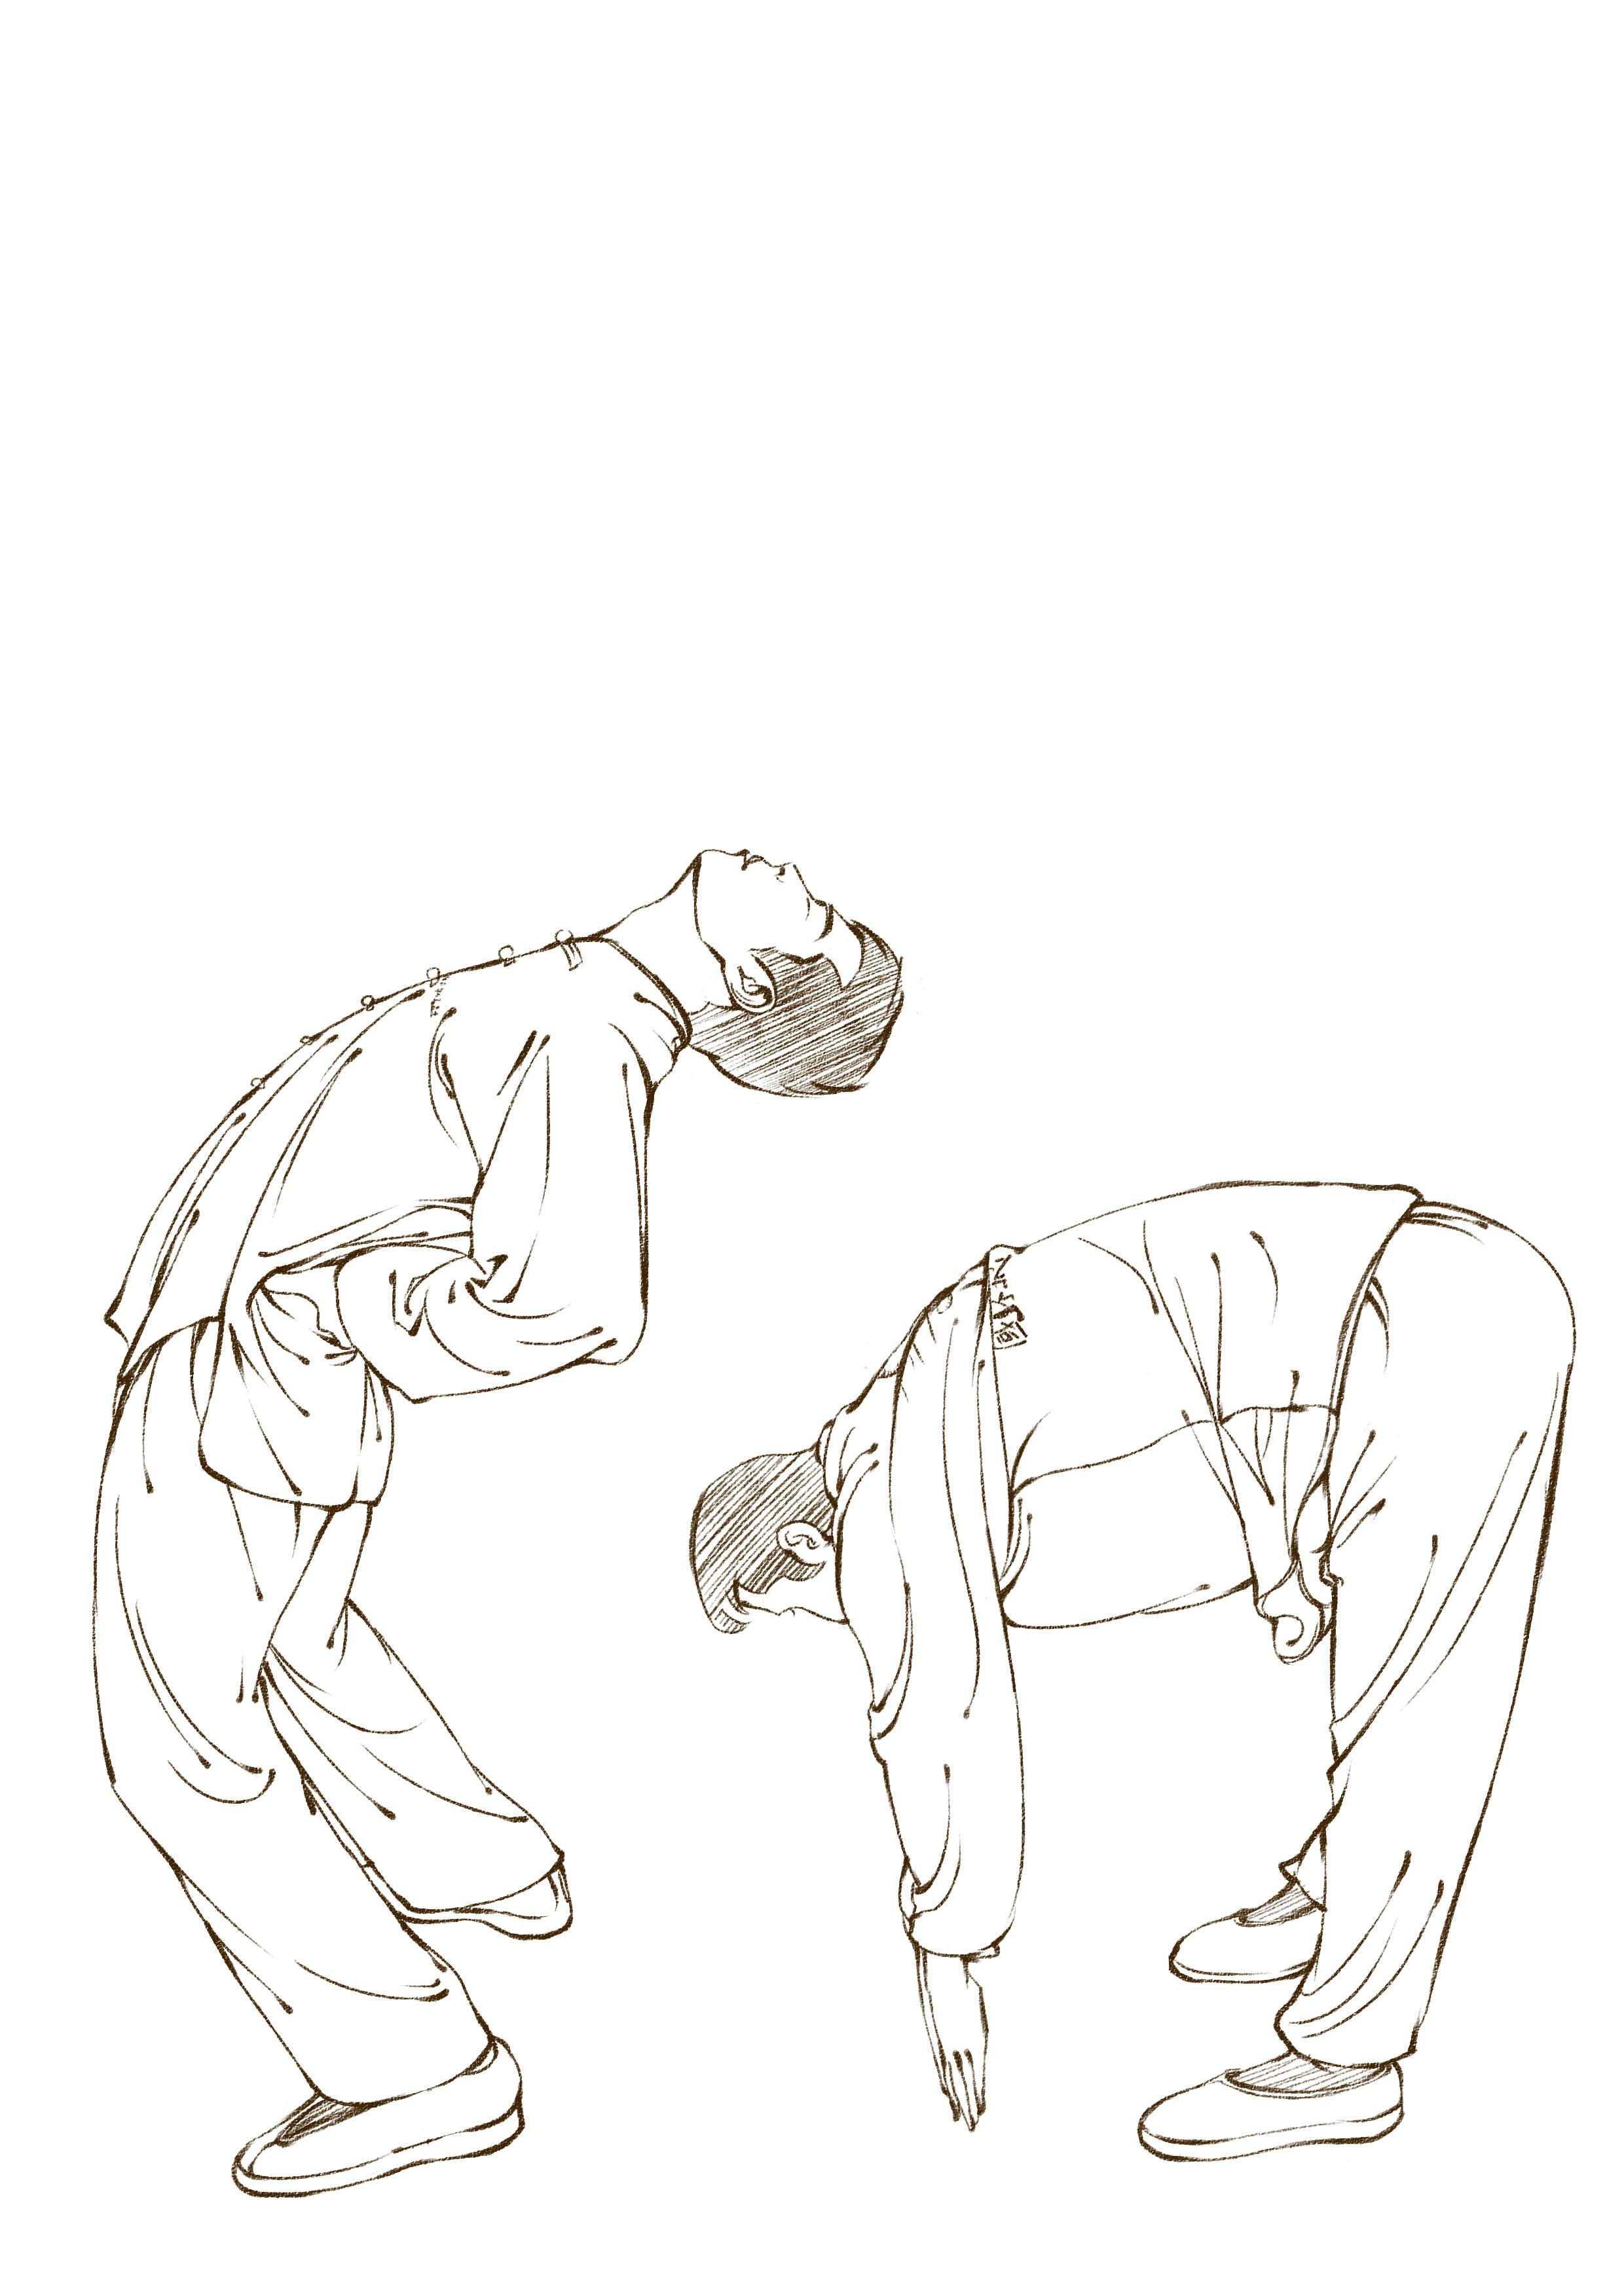 人物动作手绘线描